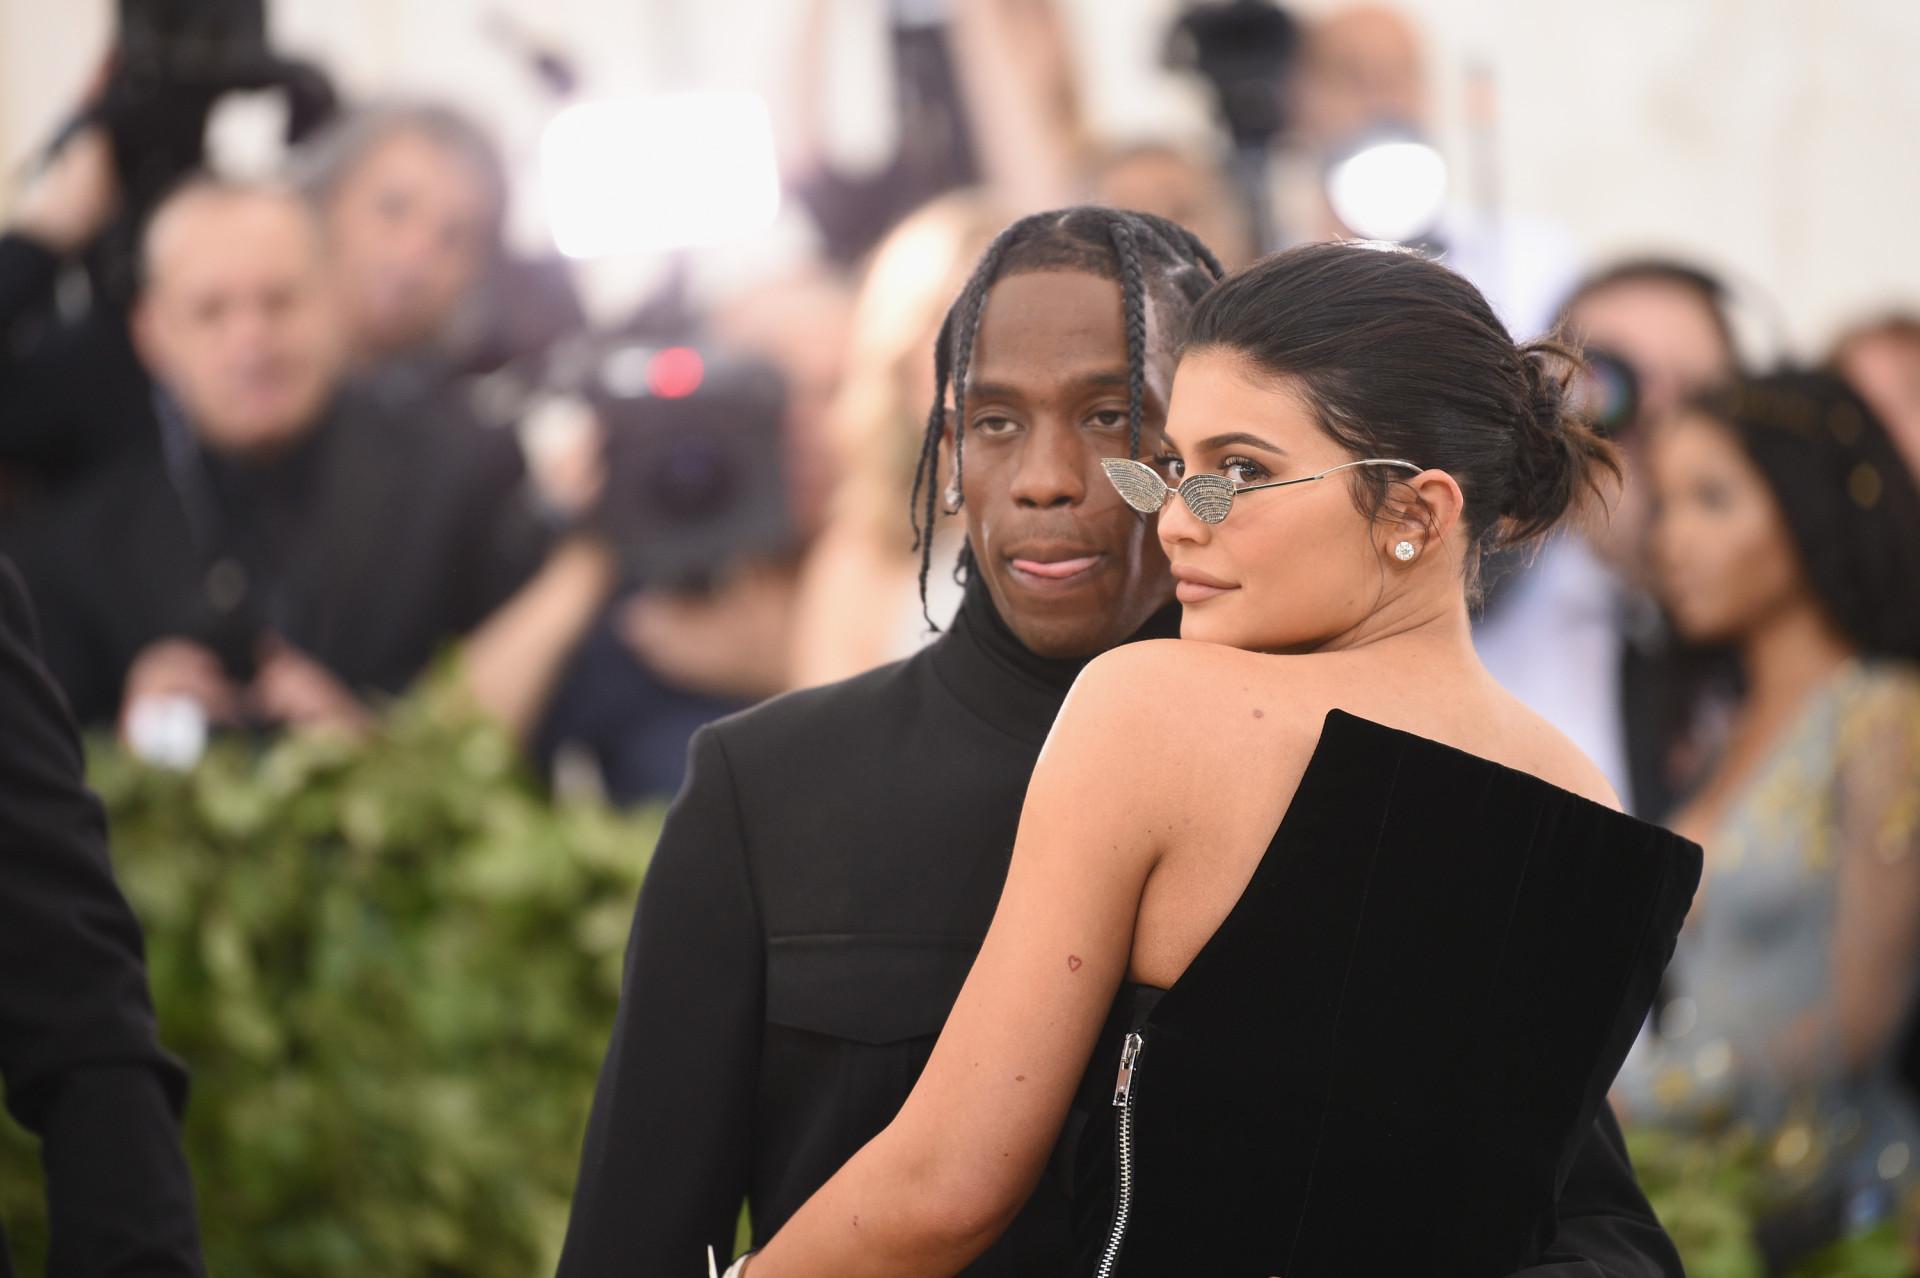 Provedoras: as famosas que faturam mais que os seus parceiros!